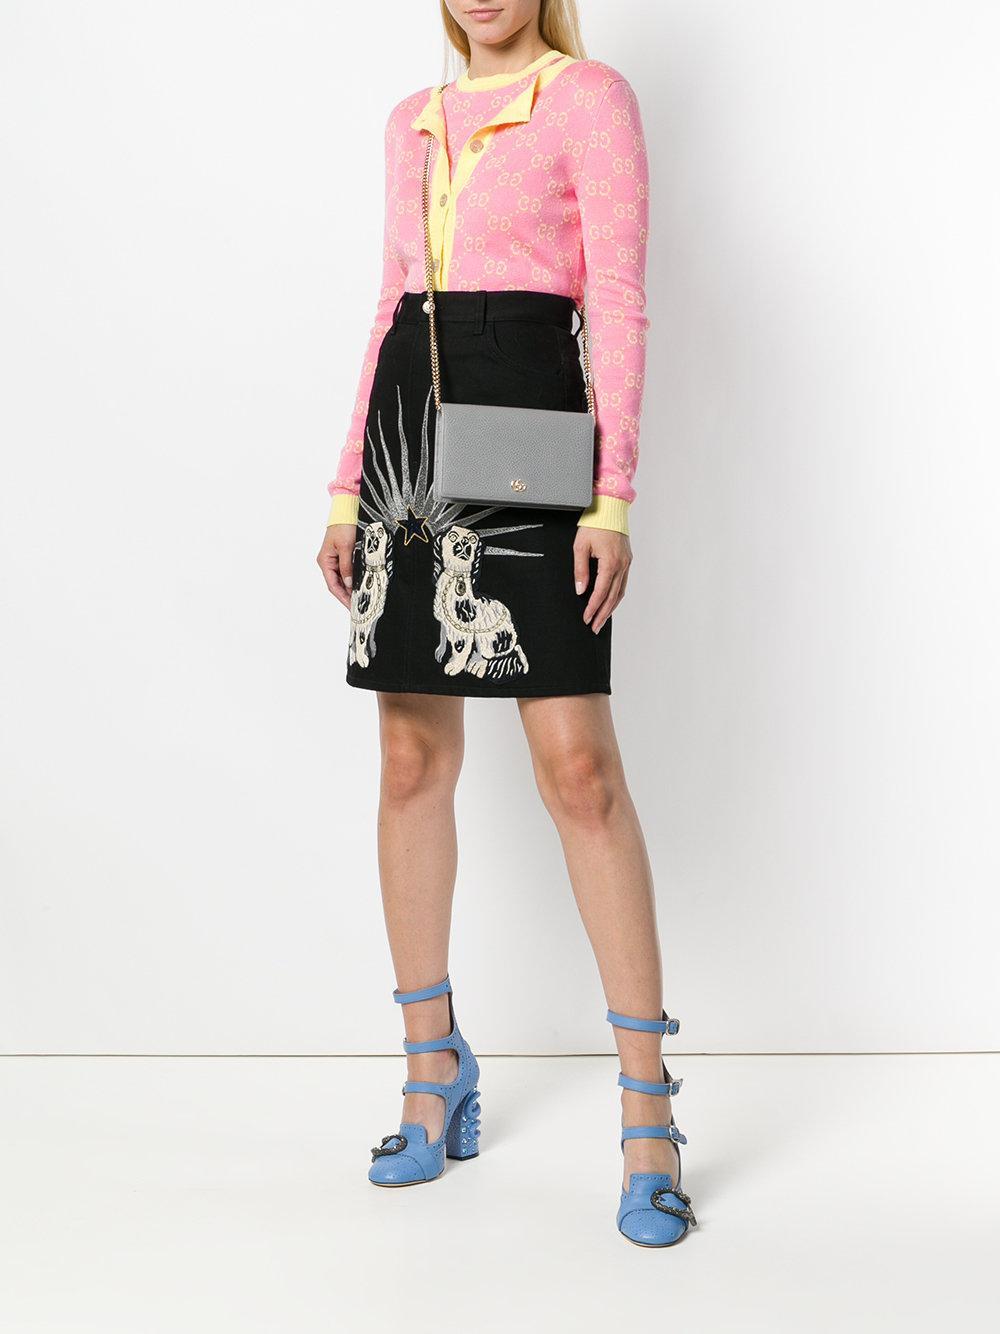 6406e3c333e Lyst - Gucci Gg Marmont Leather Mini Chain Bag in Gray